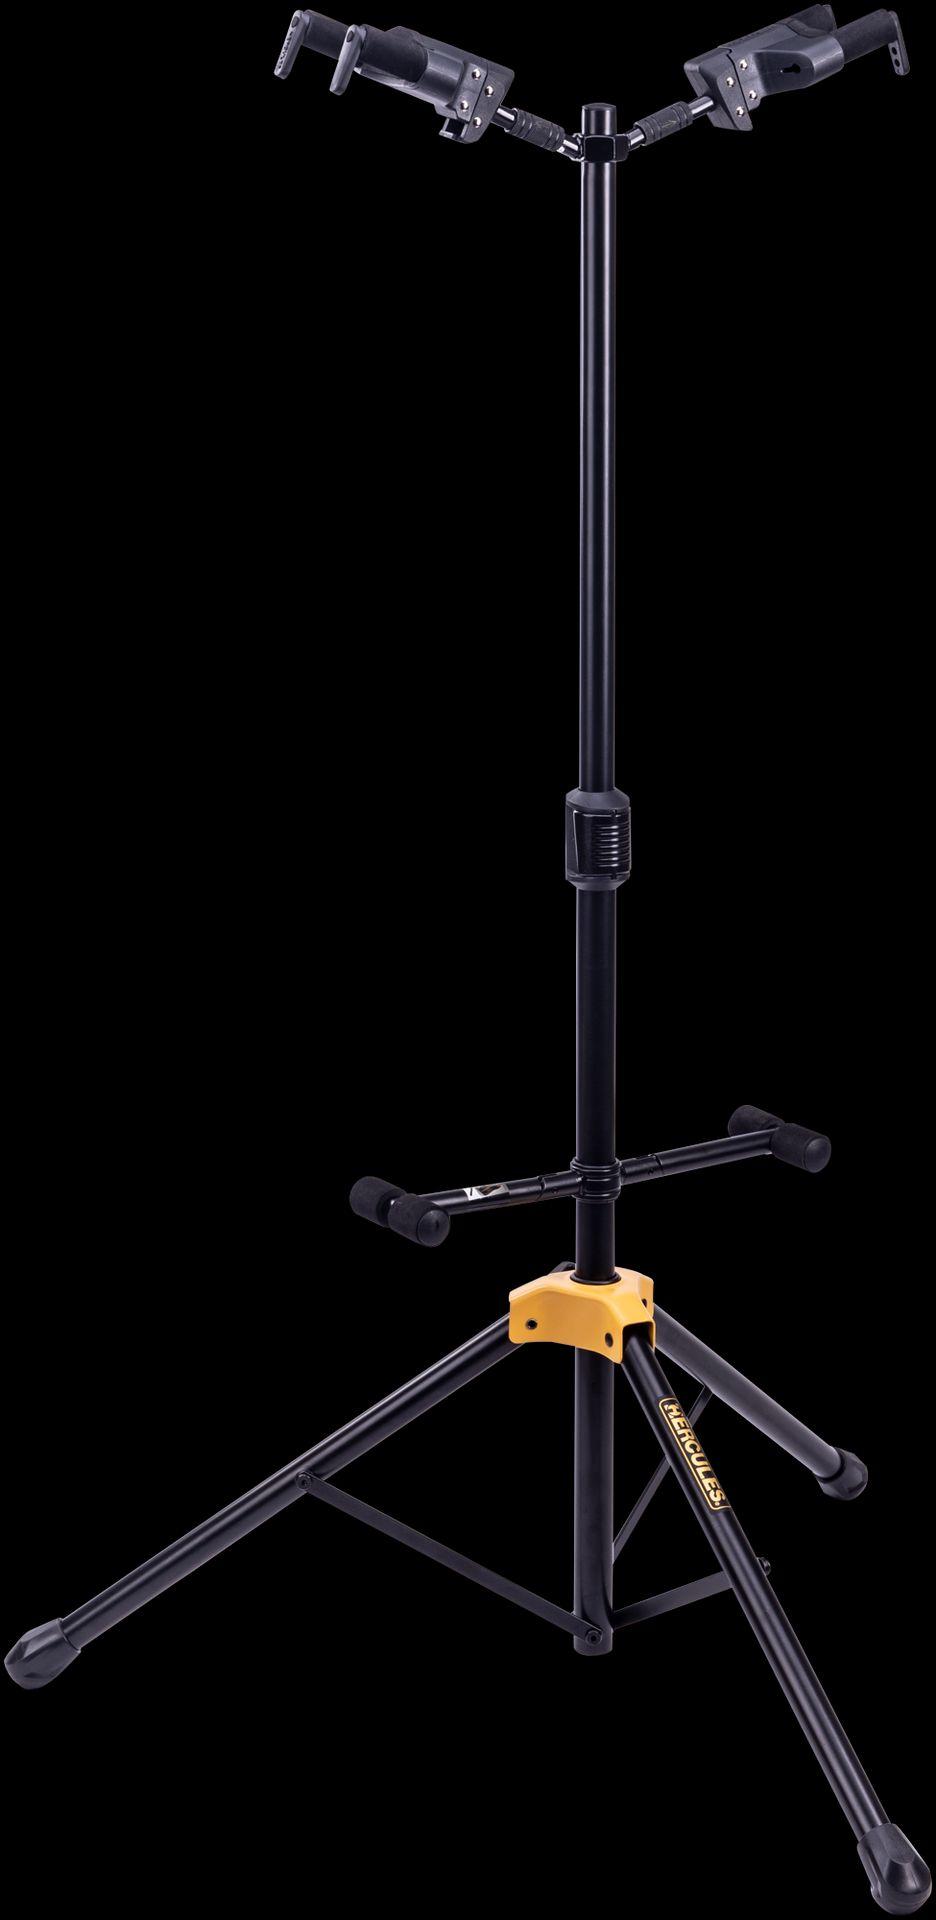 Hercules GS422B+ Gitarrenständer für 2 Gitarren, Stativ mit Sicherheitssystem